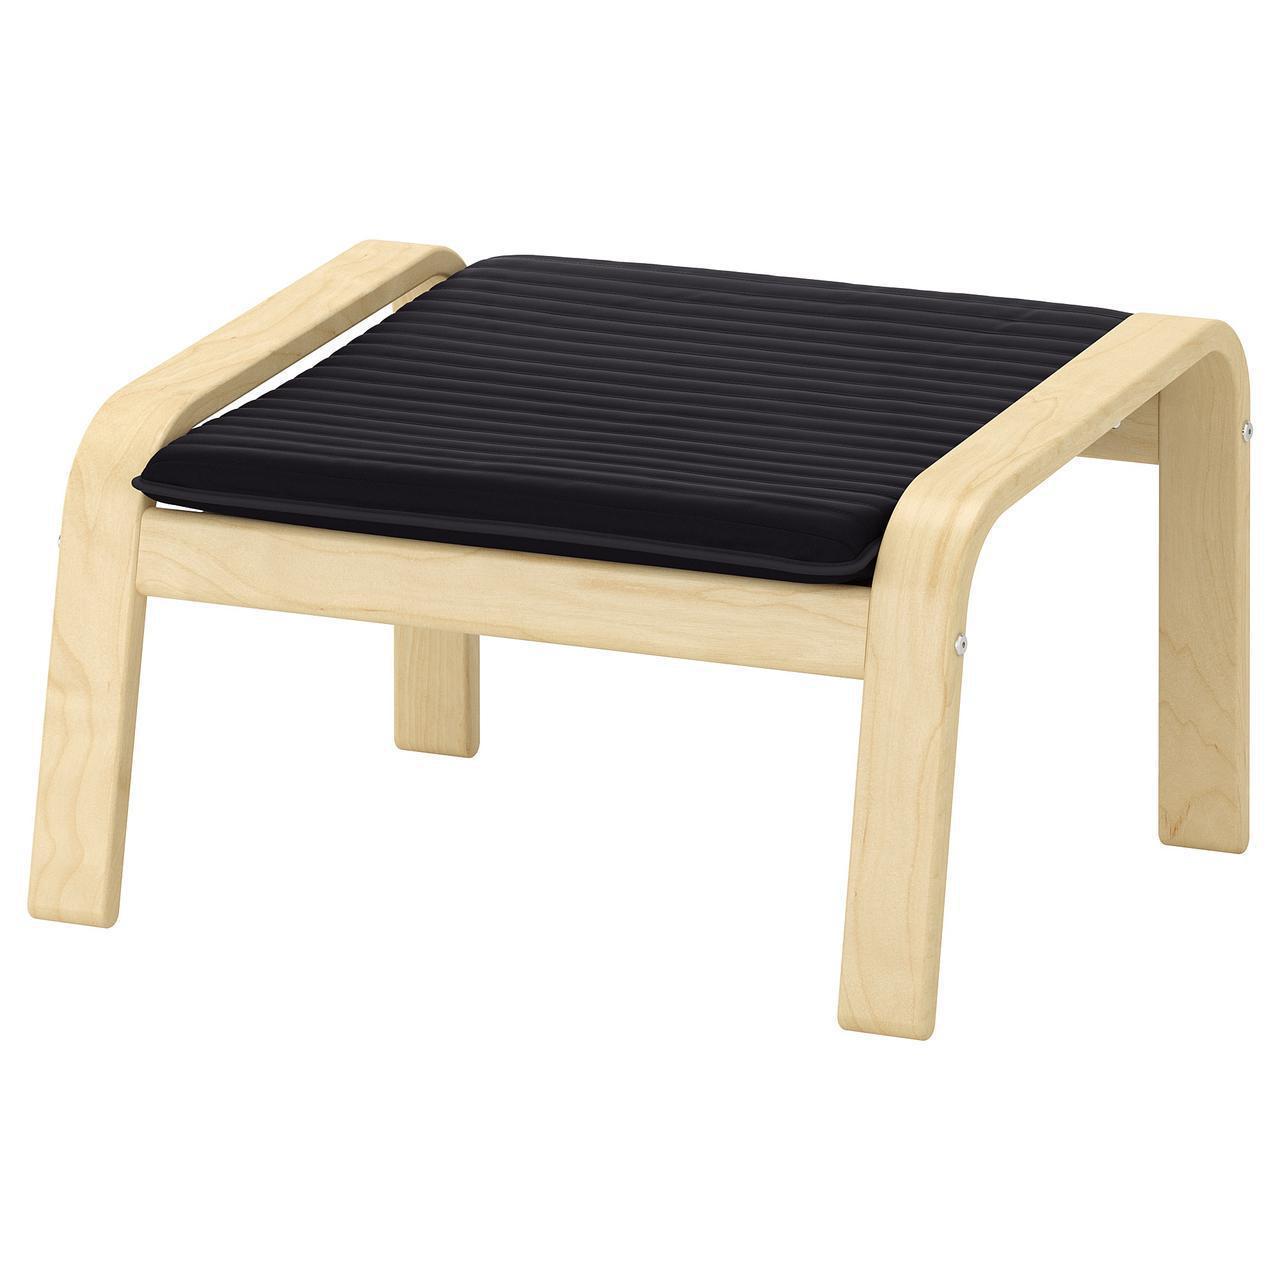 Подставка для ног IKEA POÄNG березовый шпон Knisa черная 492.446.57